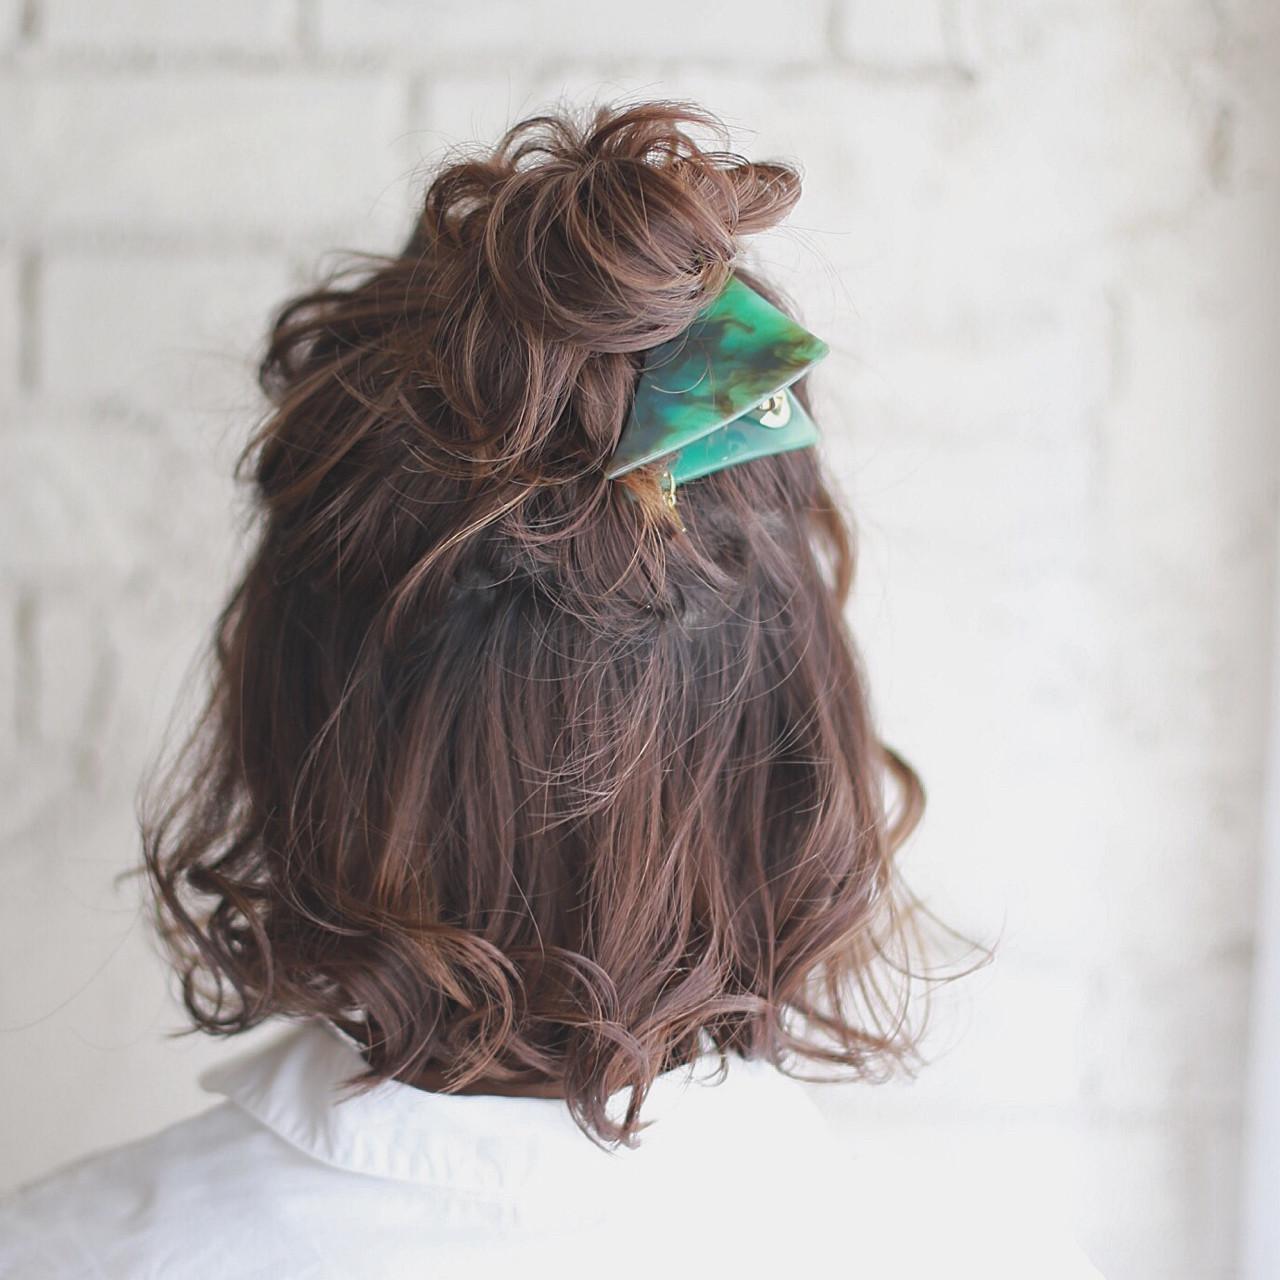 ヘアアレンジ 簡単ヘアアレンジ ハイライト ショート ヘアスタイルや髪型の写真・画像